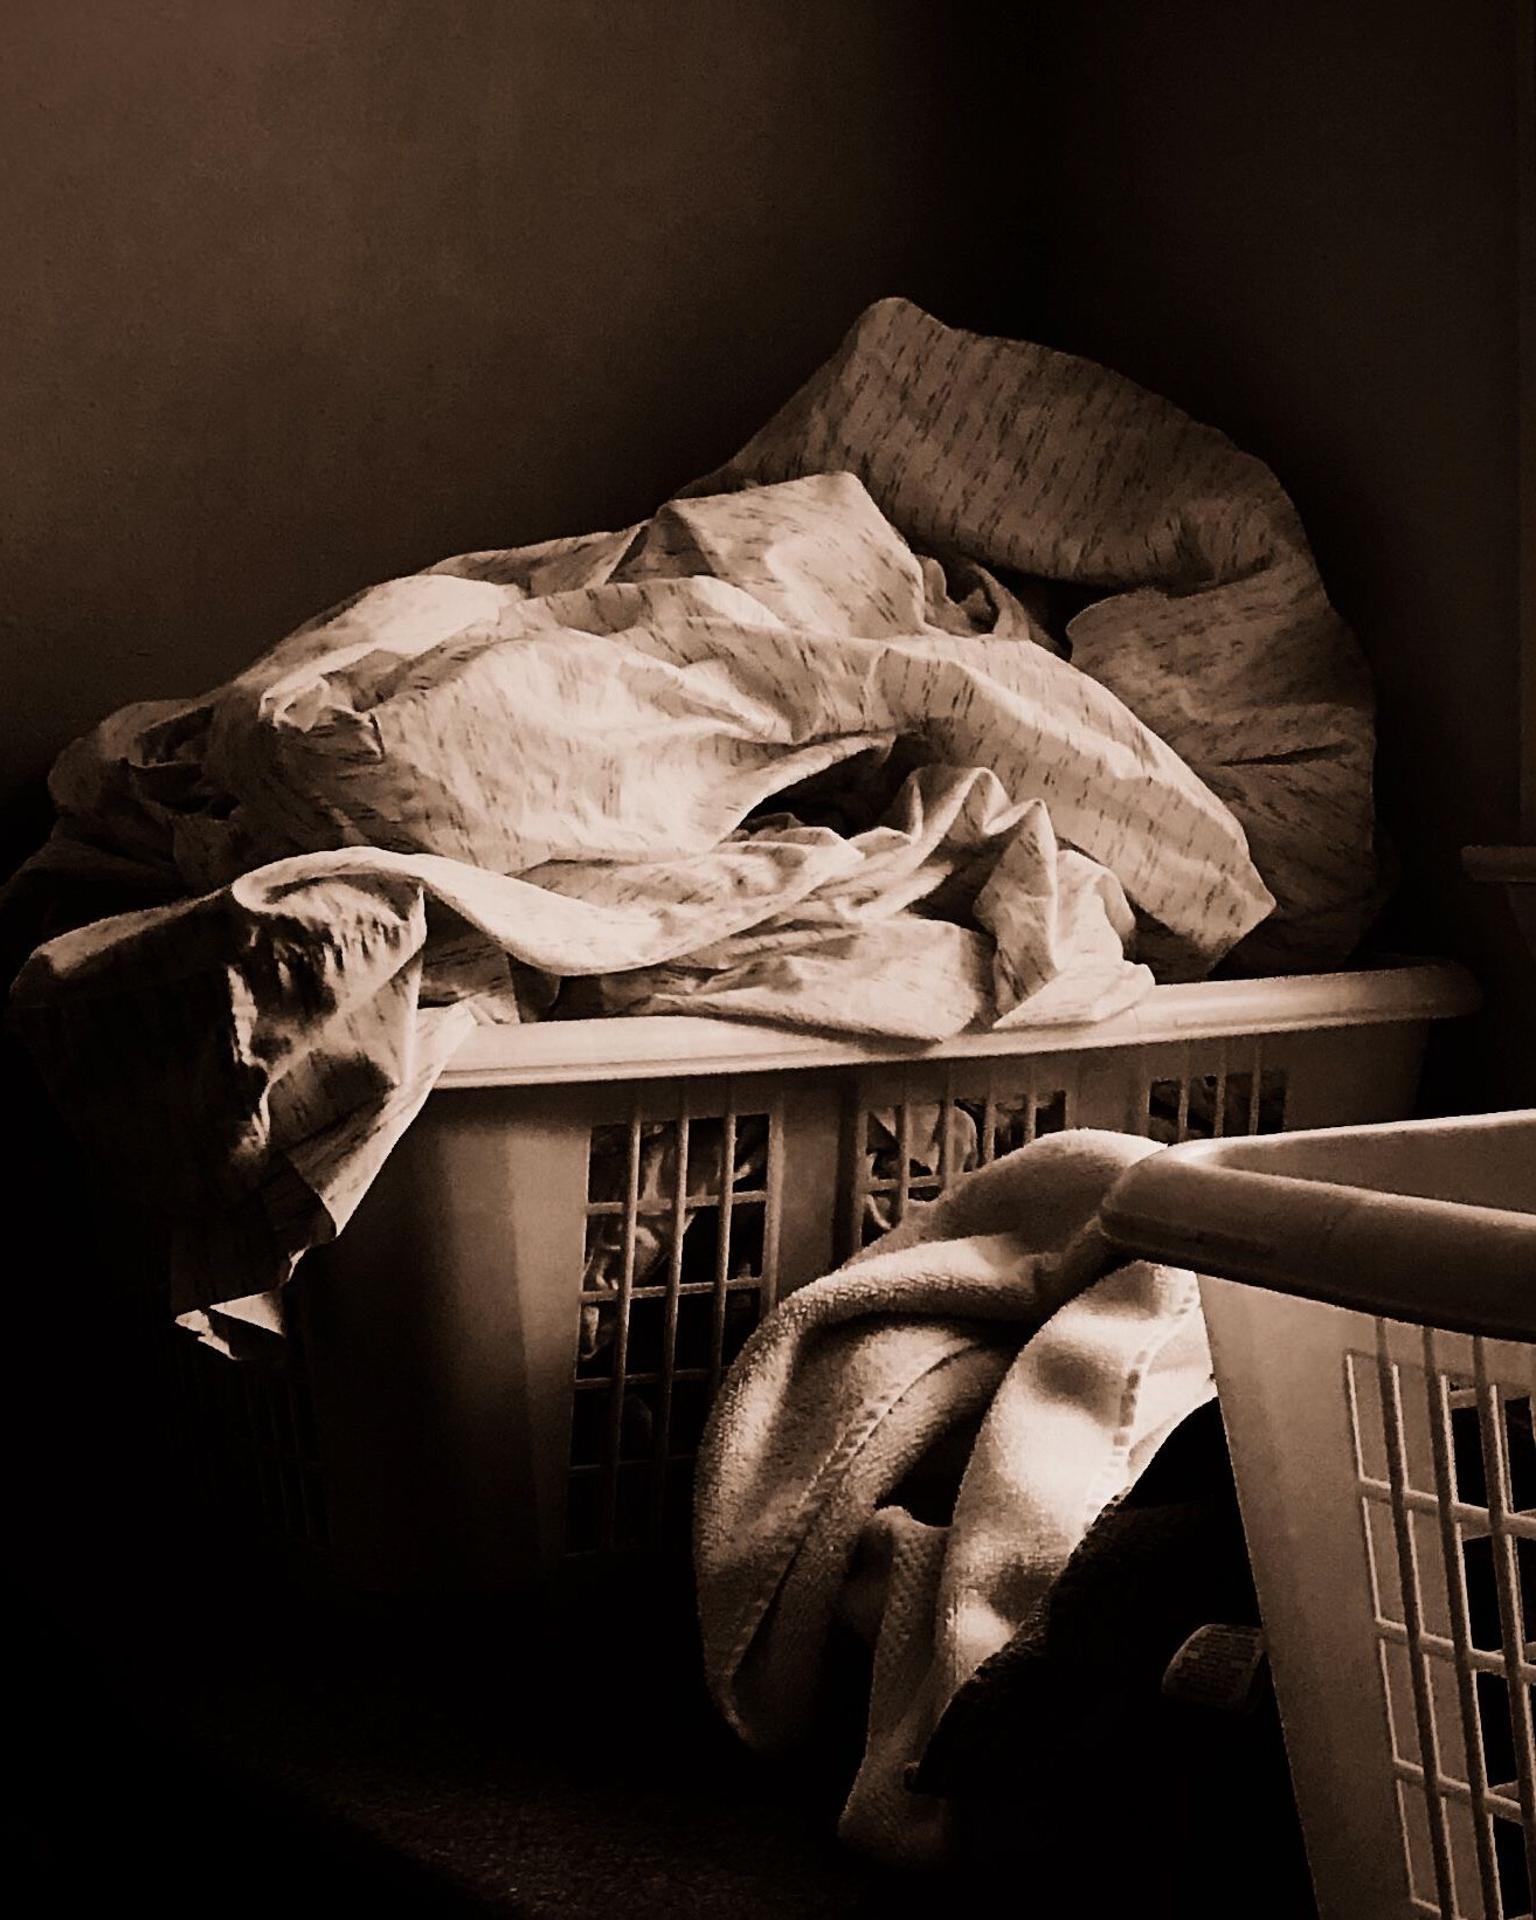 Candace Kubinec, Laundry Day